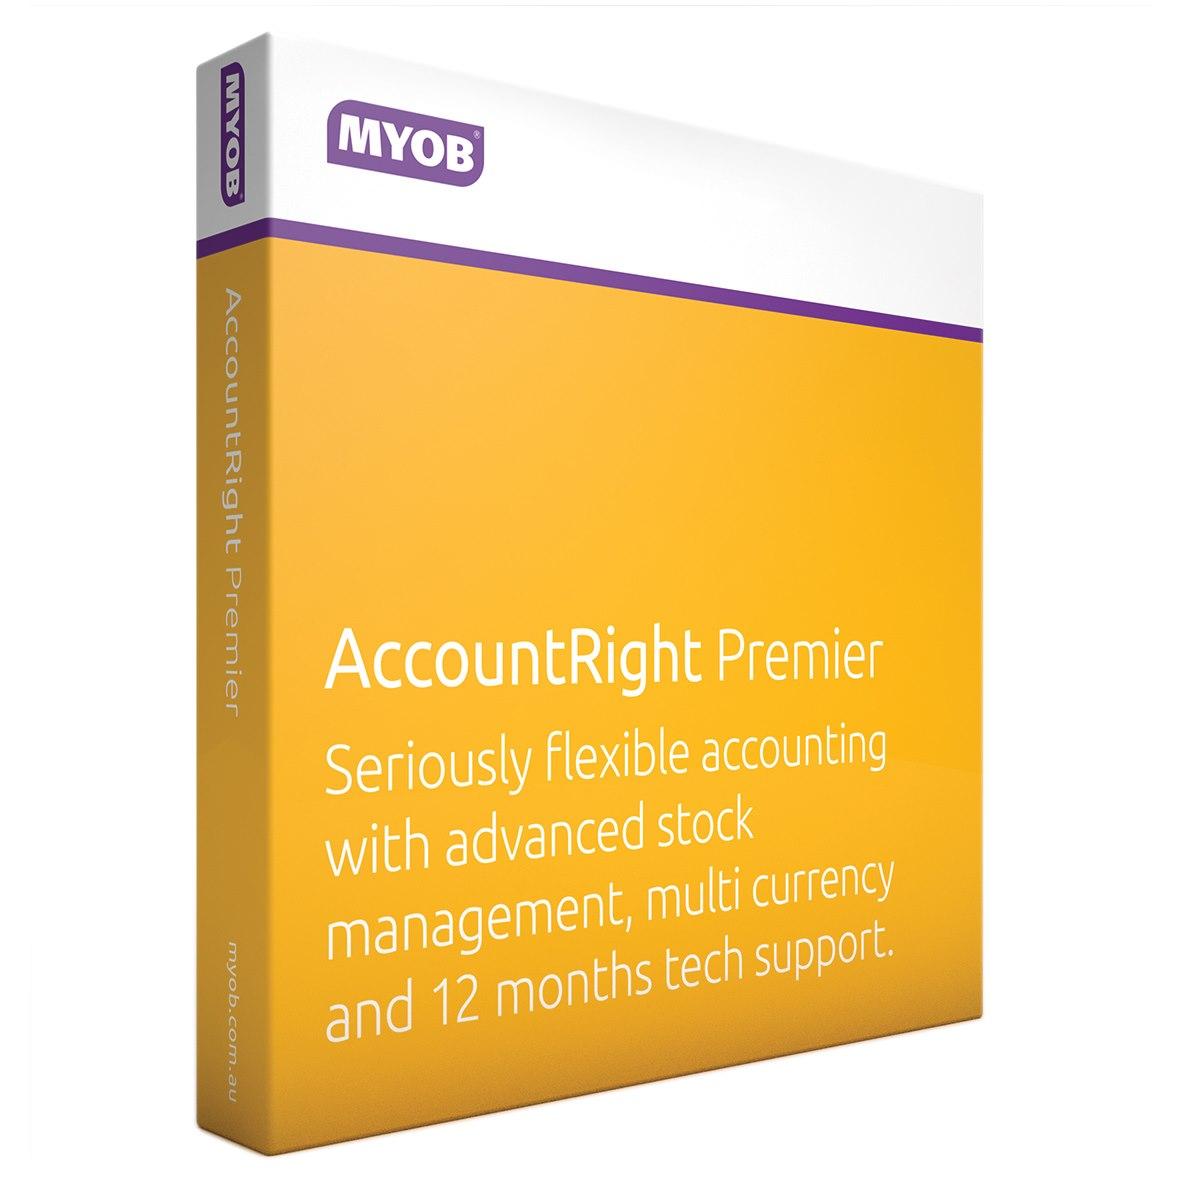 MYOB AccountRight v.19.0 Premier